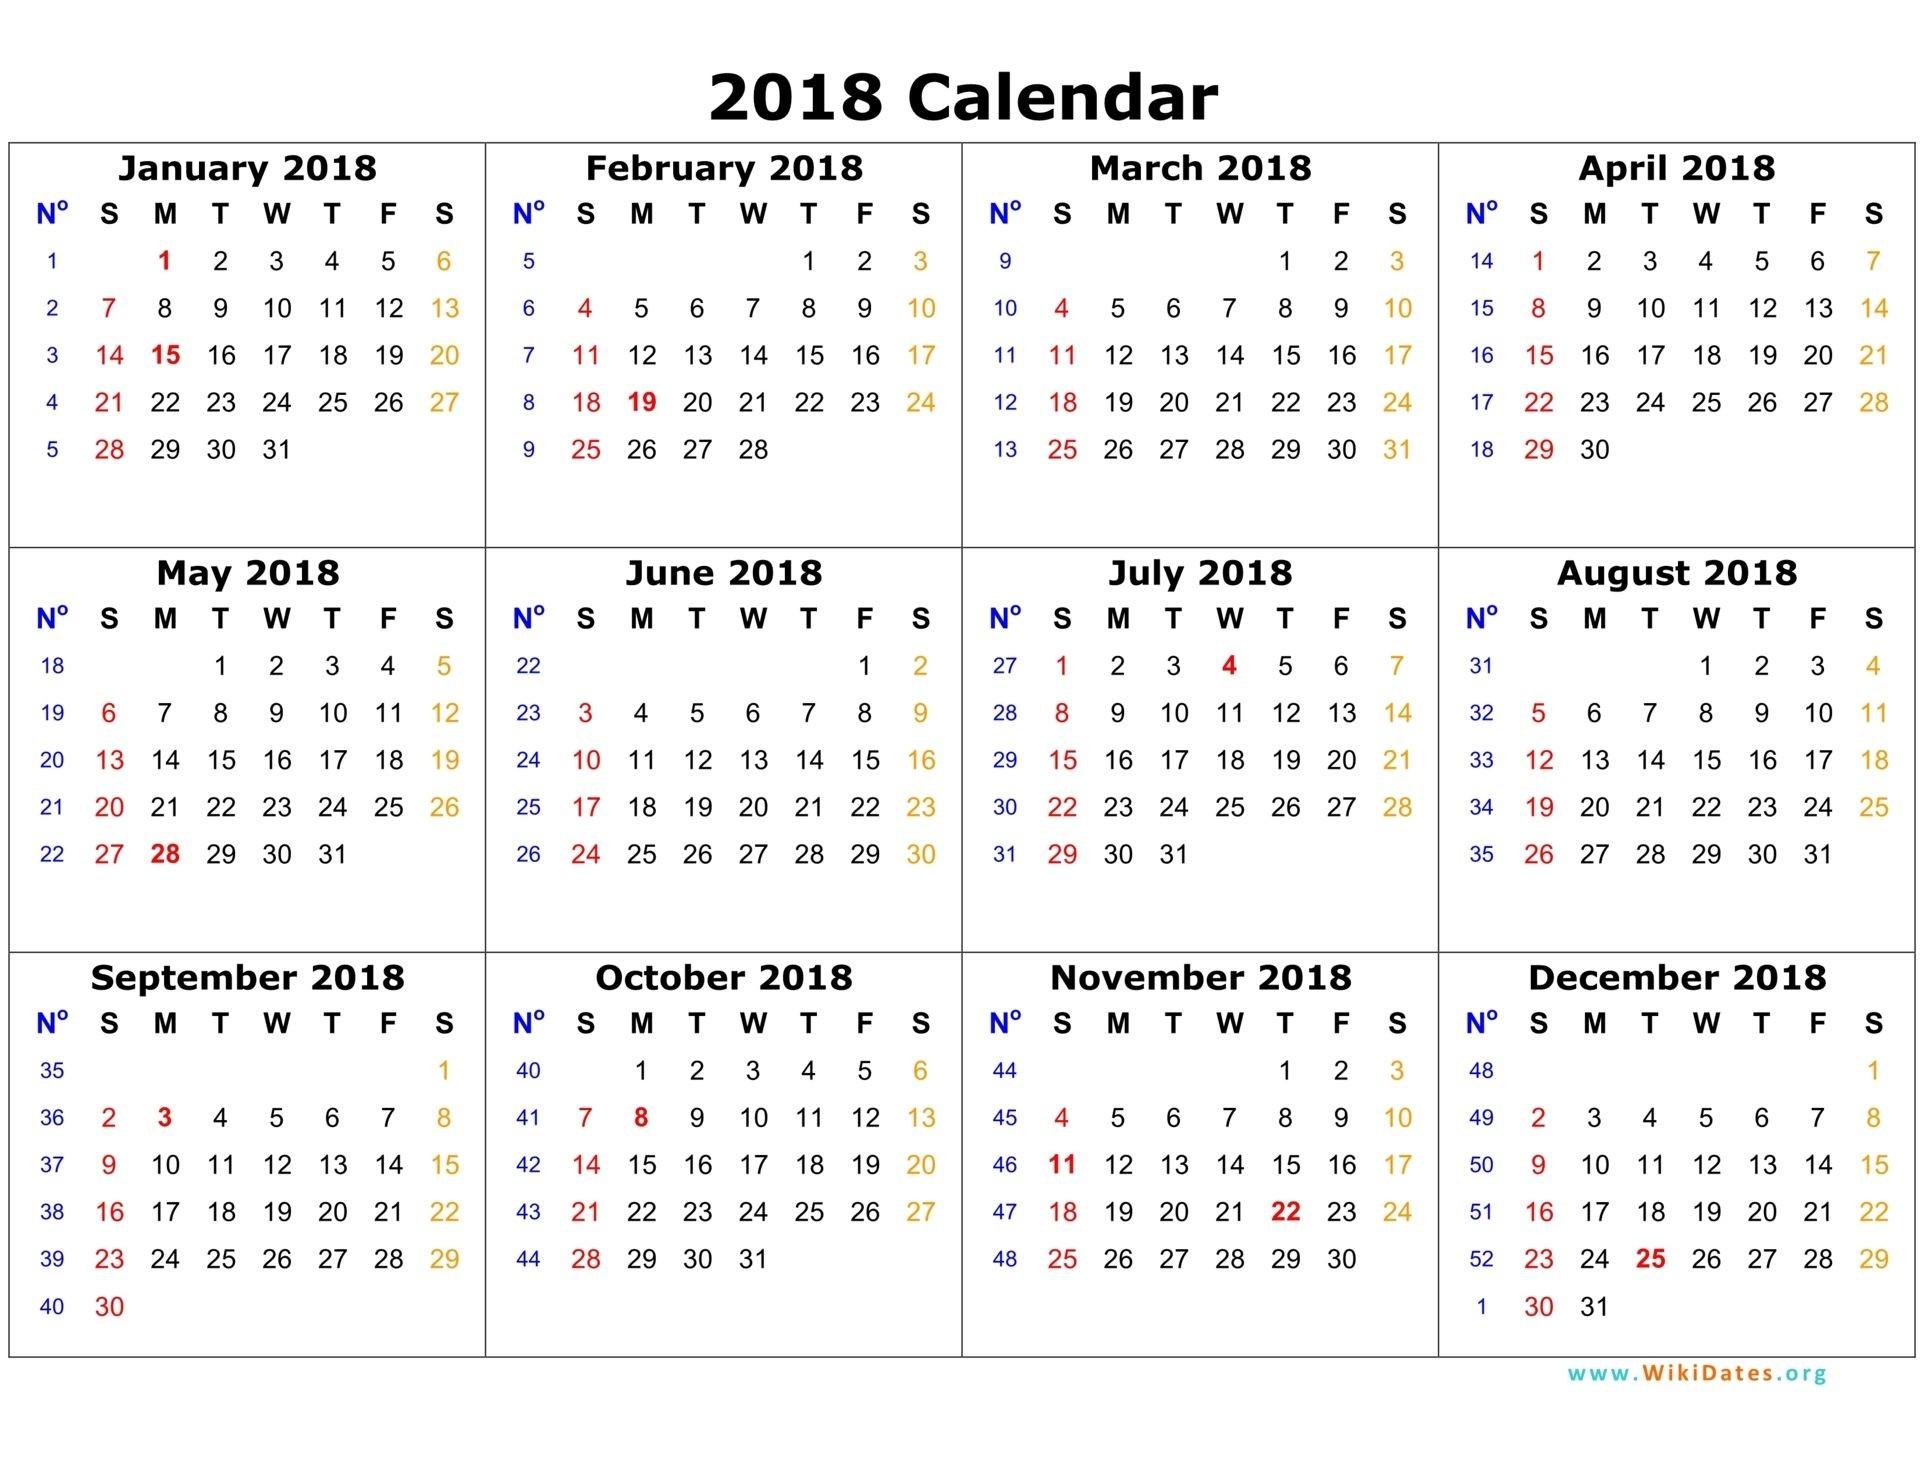 Calendario 2019 Sep Mejores Y Más Novedosos Annual Calendar 2018 Portrait Printable Calendar 2017 2018 2019 by